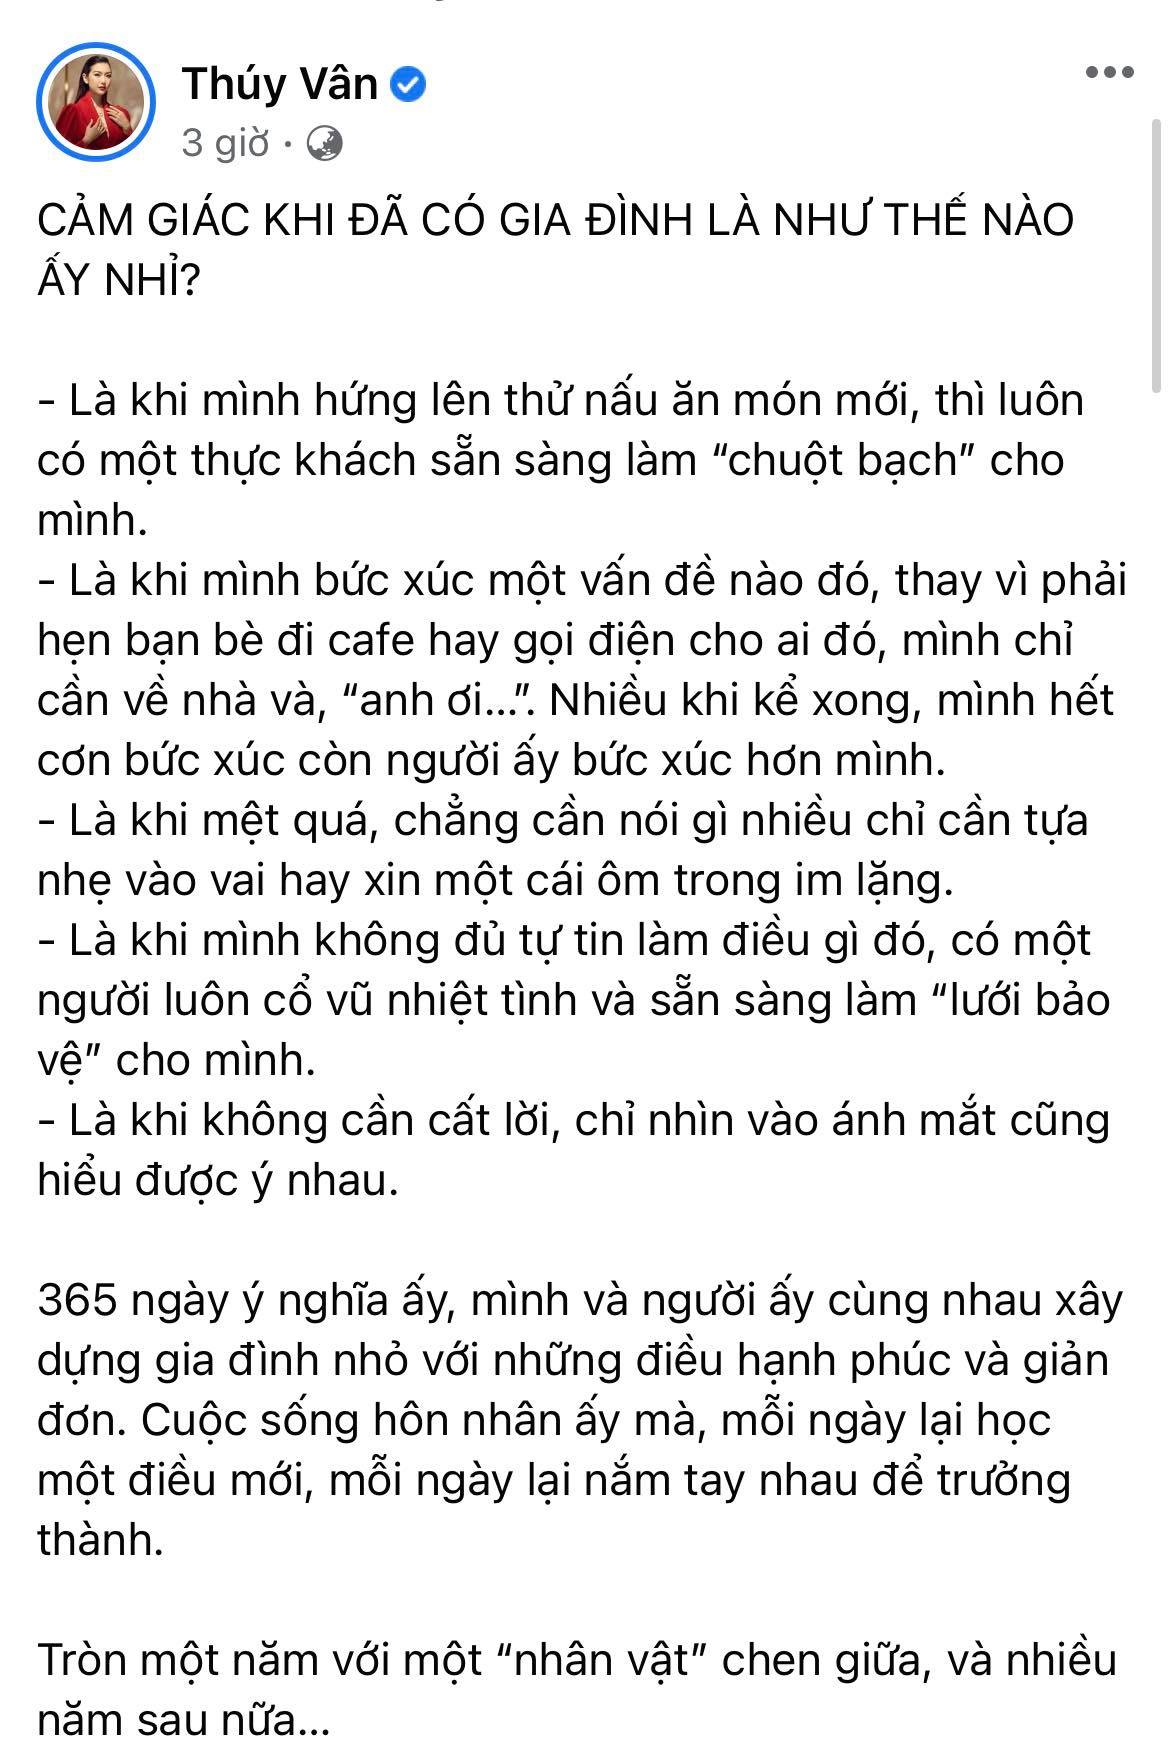 Á hậu Thuý Vân tiết lộ 5 điều thay đổi sau đúng 1 năm kết hôn, nghe qua là biết chồng doanh nhân tâm lý cỡ nào! - Ảnh 2.